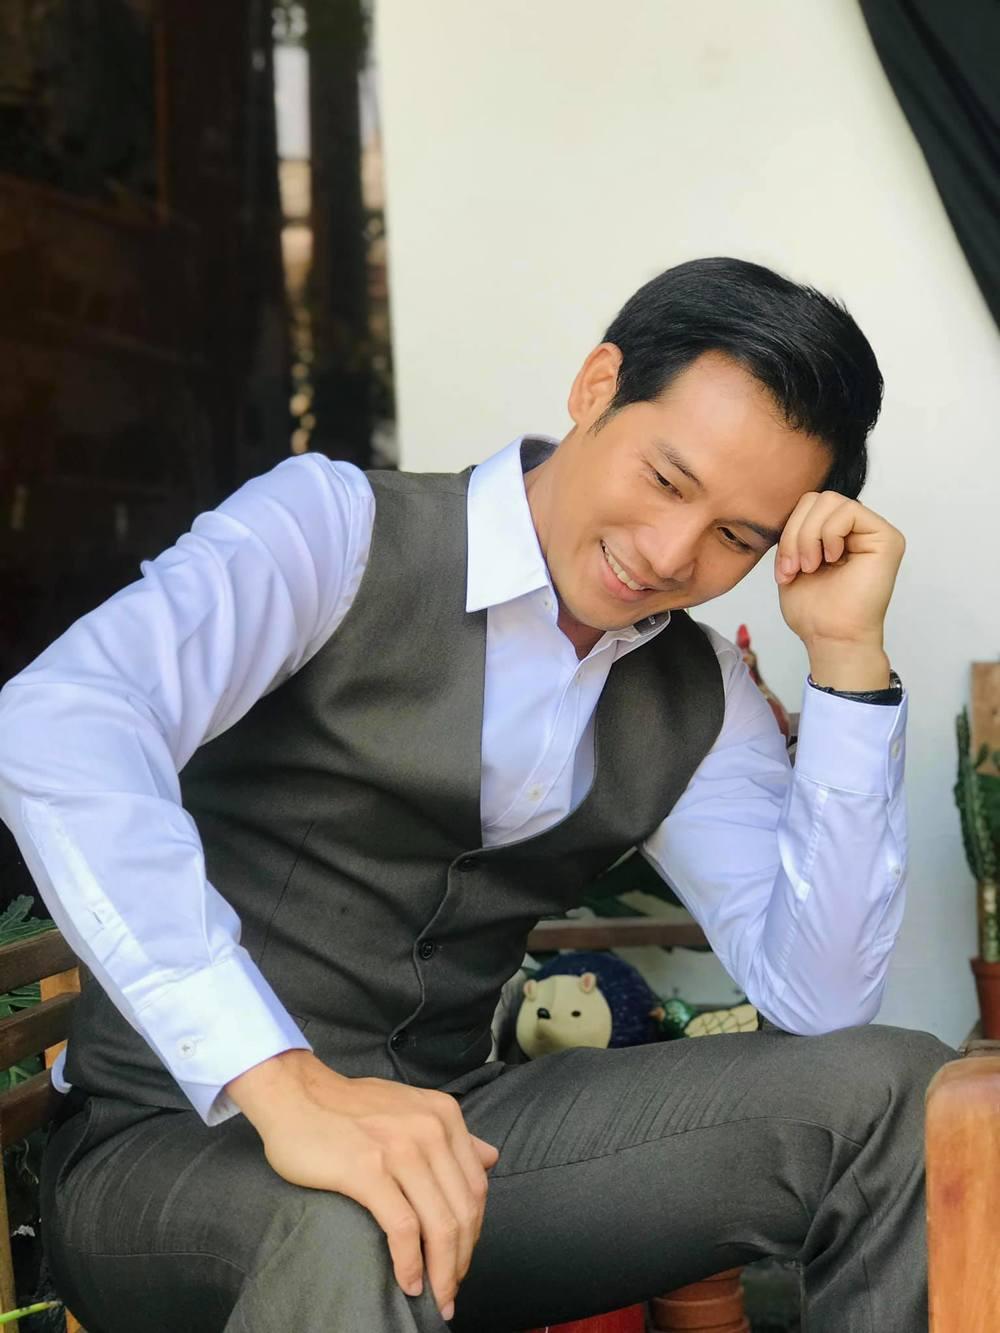 Nam diễn viên gốc Trà Vinh được đông đảo công chúng yêu mến nhờ sự tài tình, chân thực trong diễn xuất và lối sống. (Ảnh: FBNV) - Tin sao Viet - Tin tuc sao Viet - Scandal sao Viet - Tin tuc cua Sao - Tin cua Sao